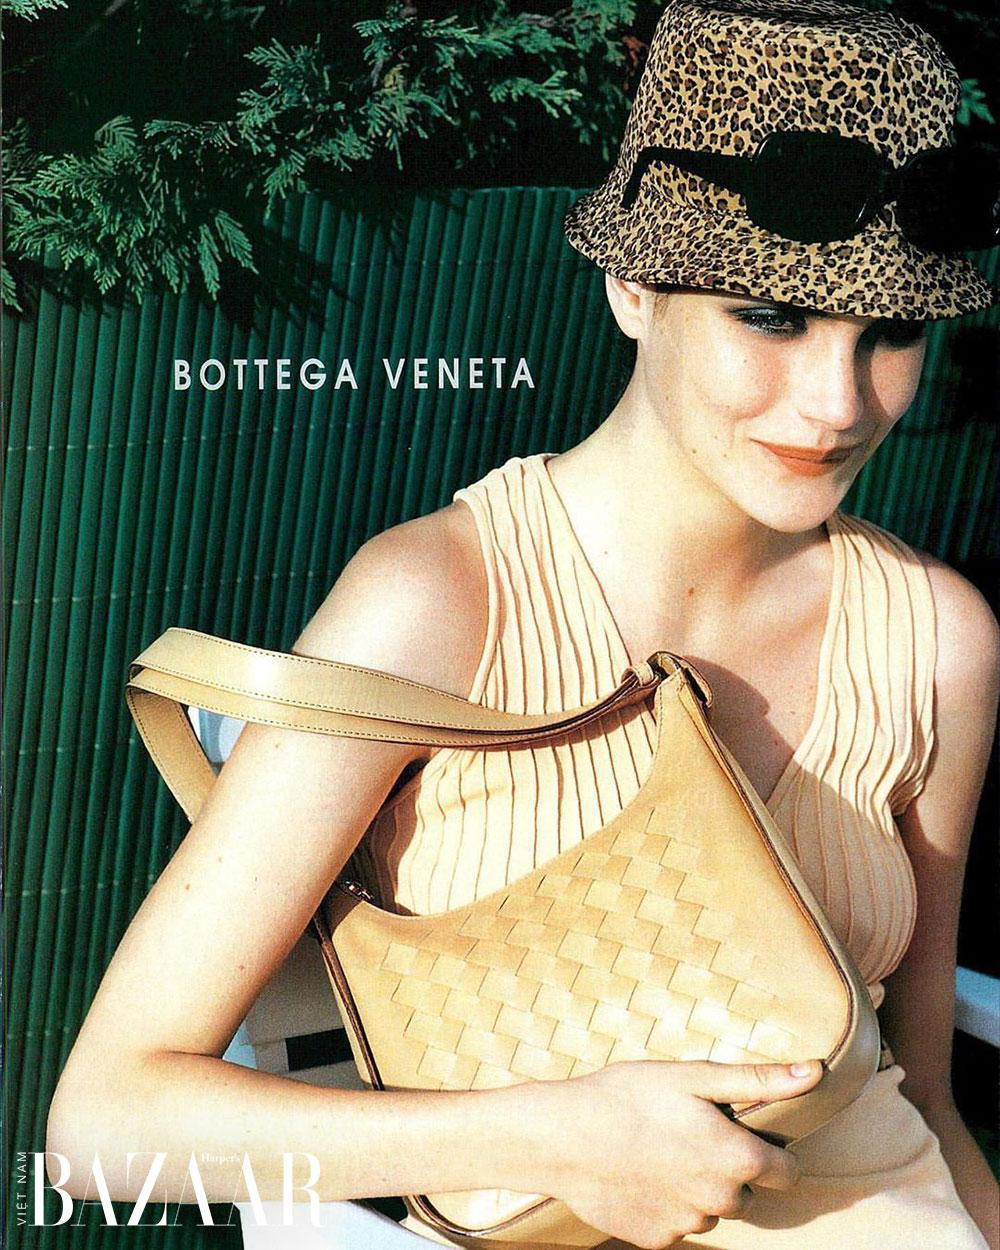 Kiểu đan da thuộc Intrecciato trên ảnh quảng cáo Bottega Veneta